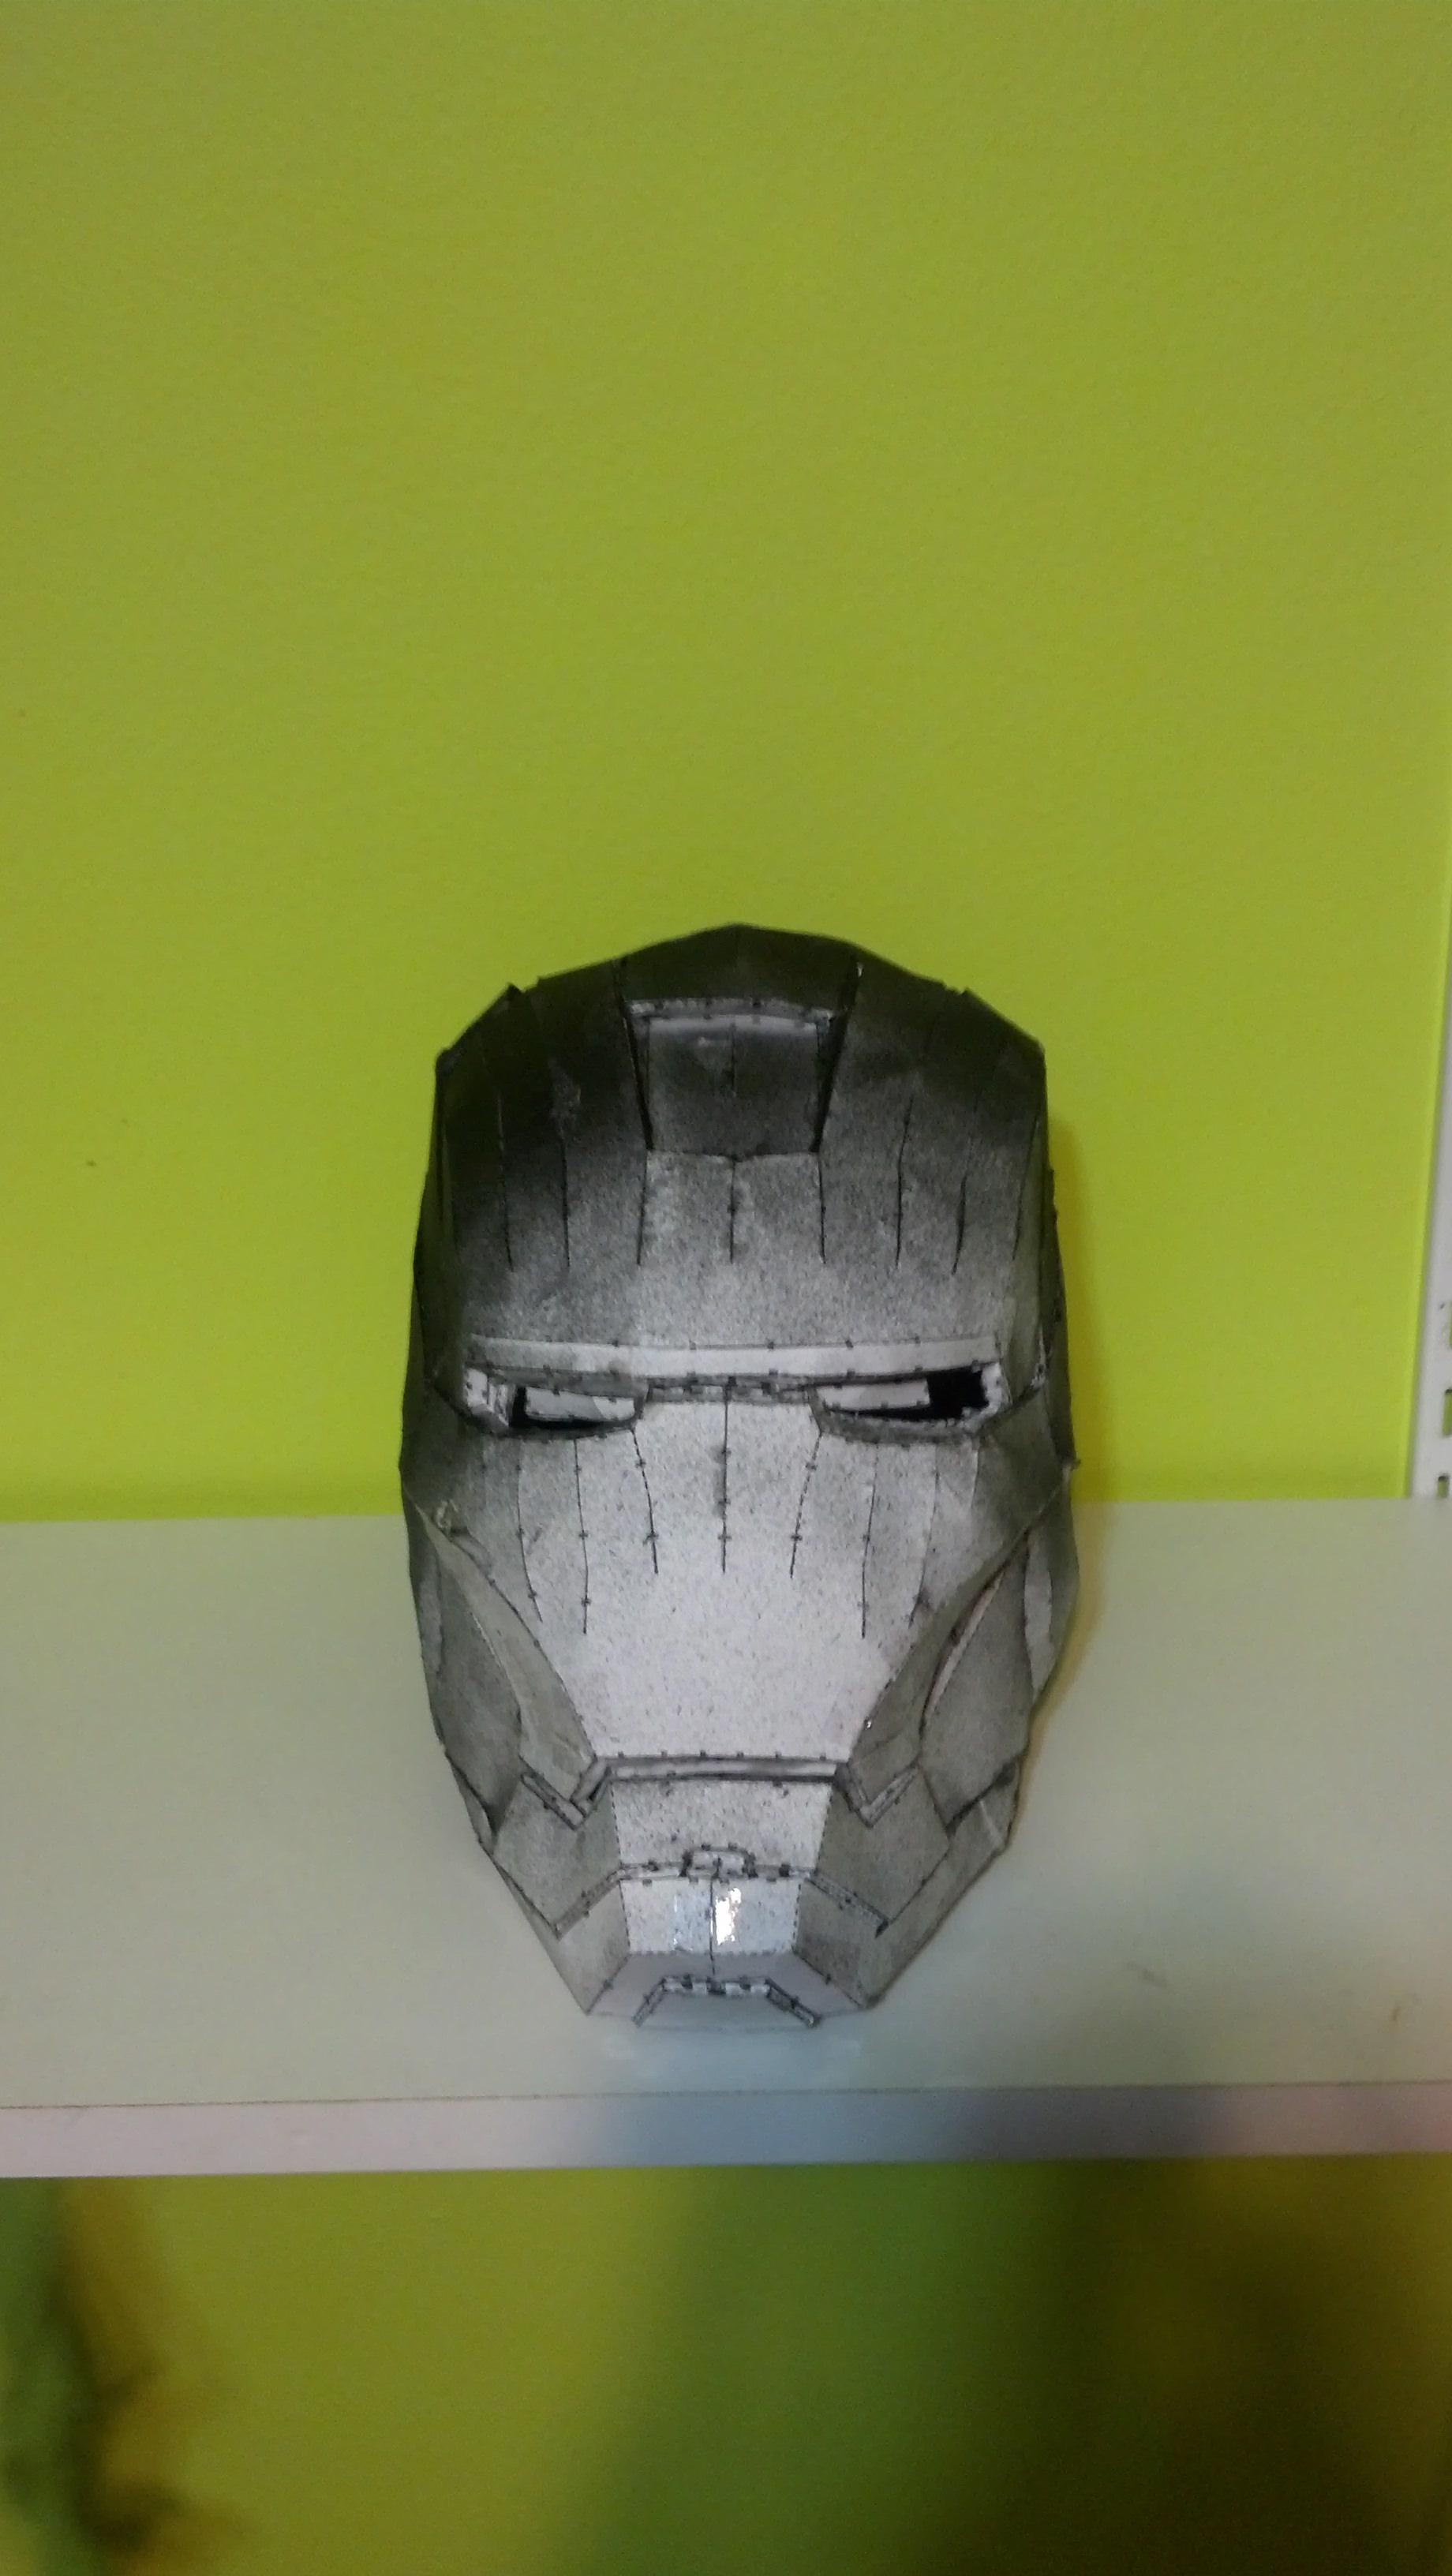 Easy Iron Man helmet